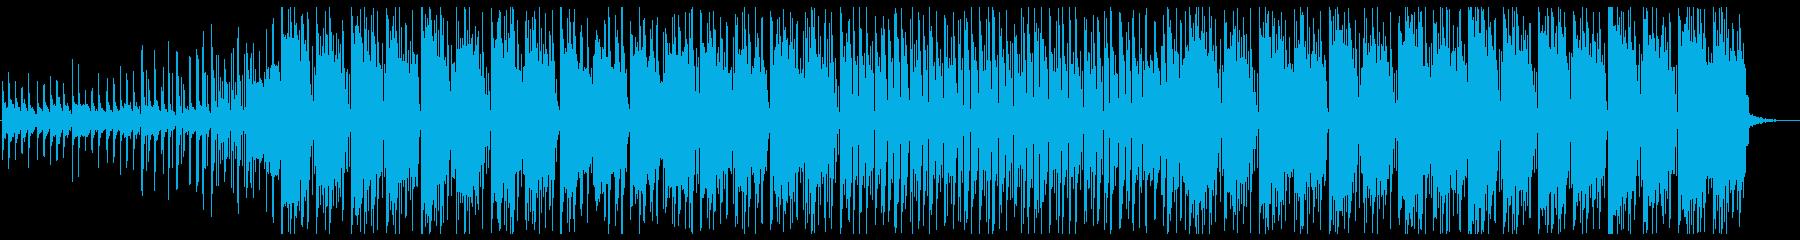 モダンお洒落系Future Bassの再生済みの波形